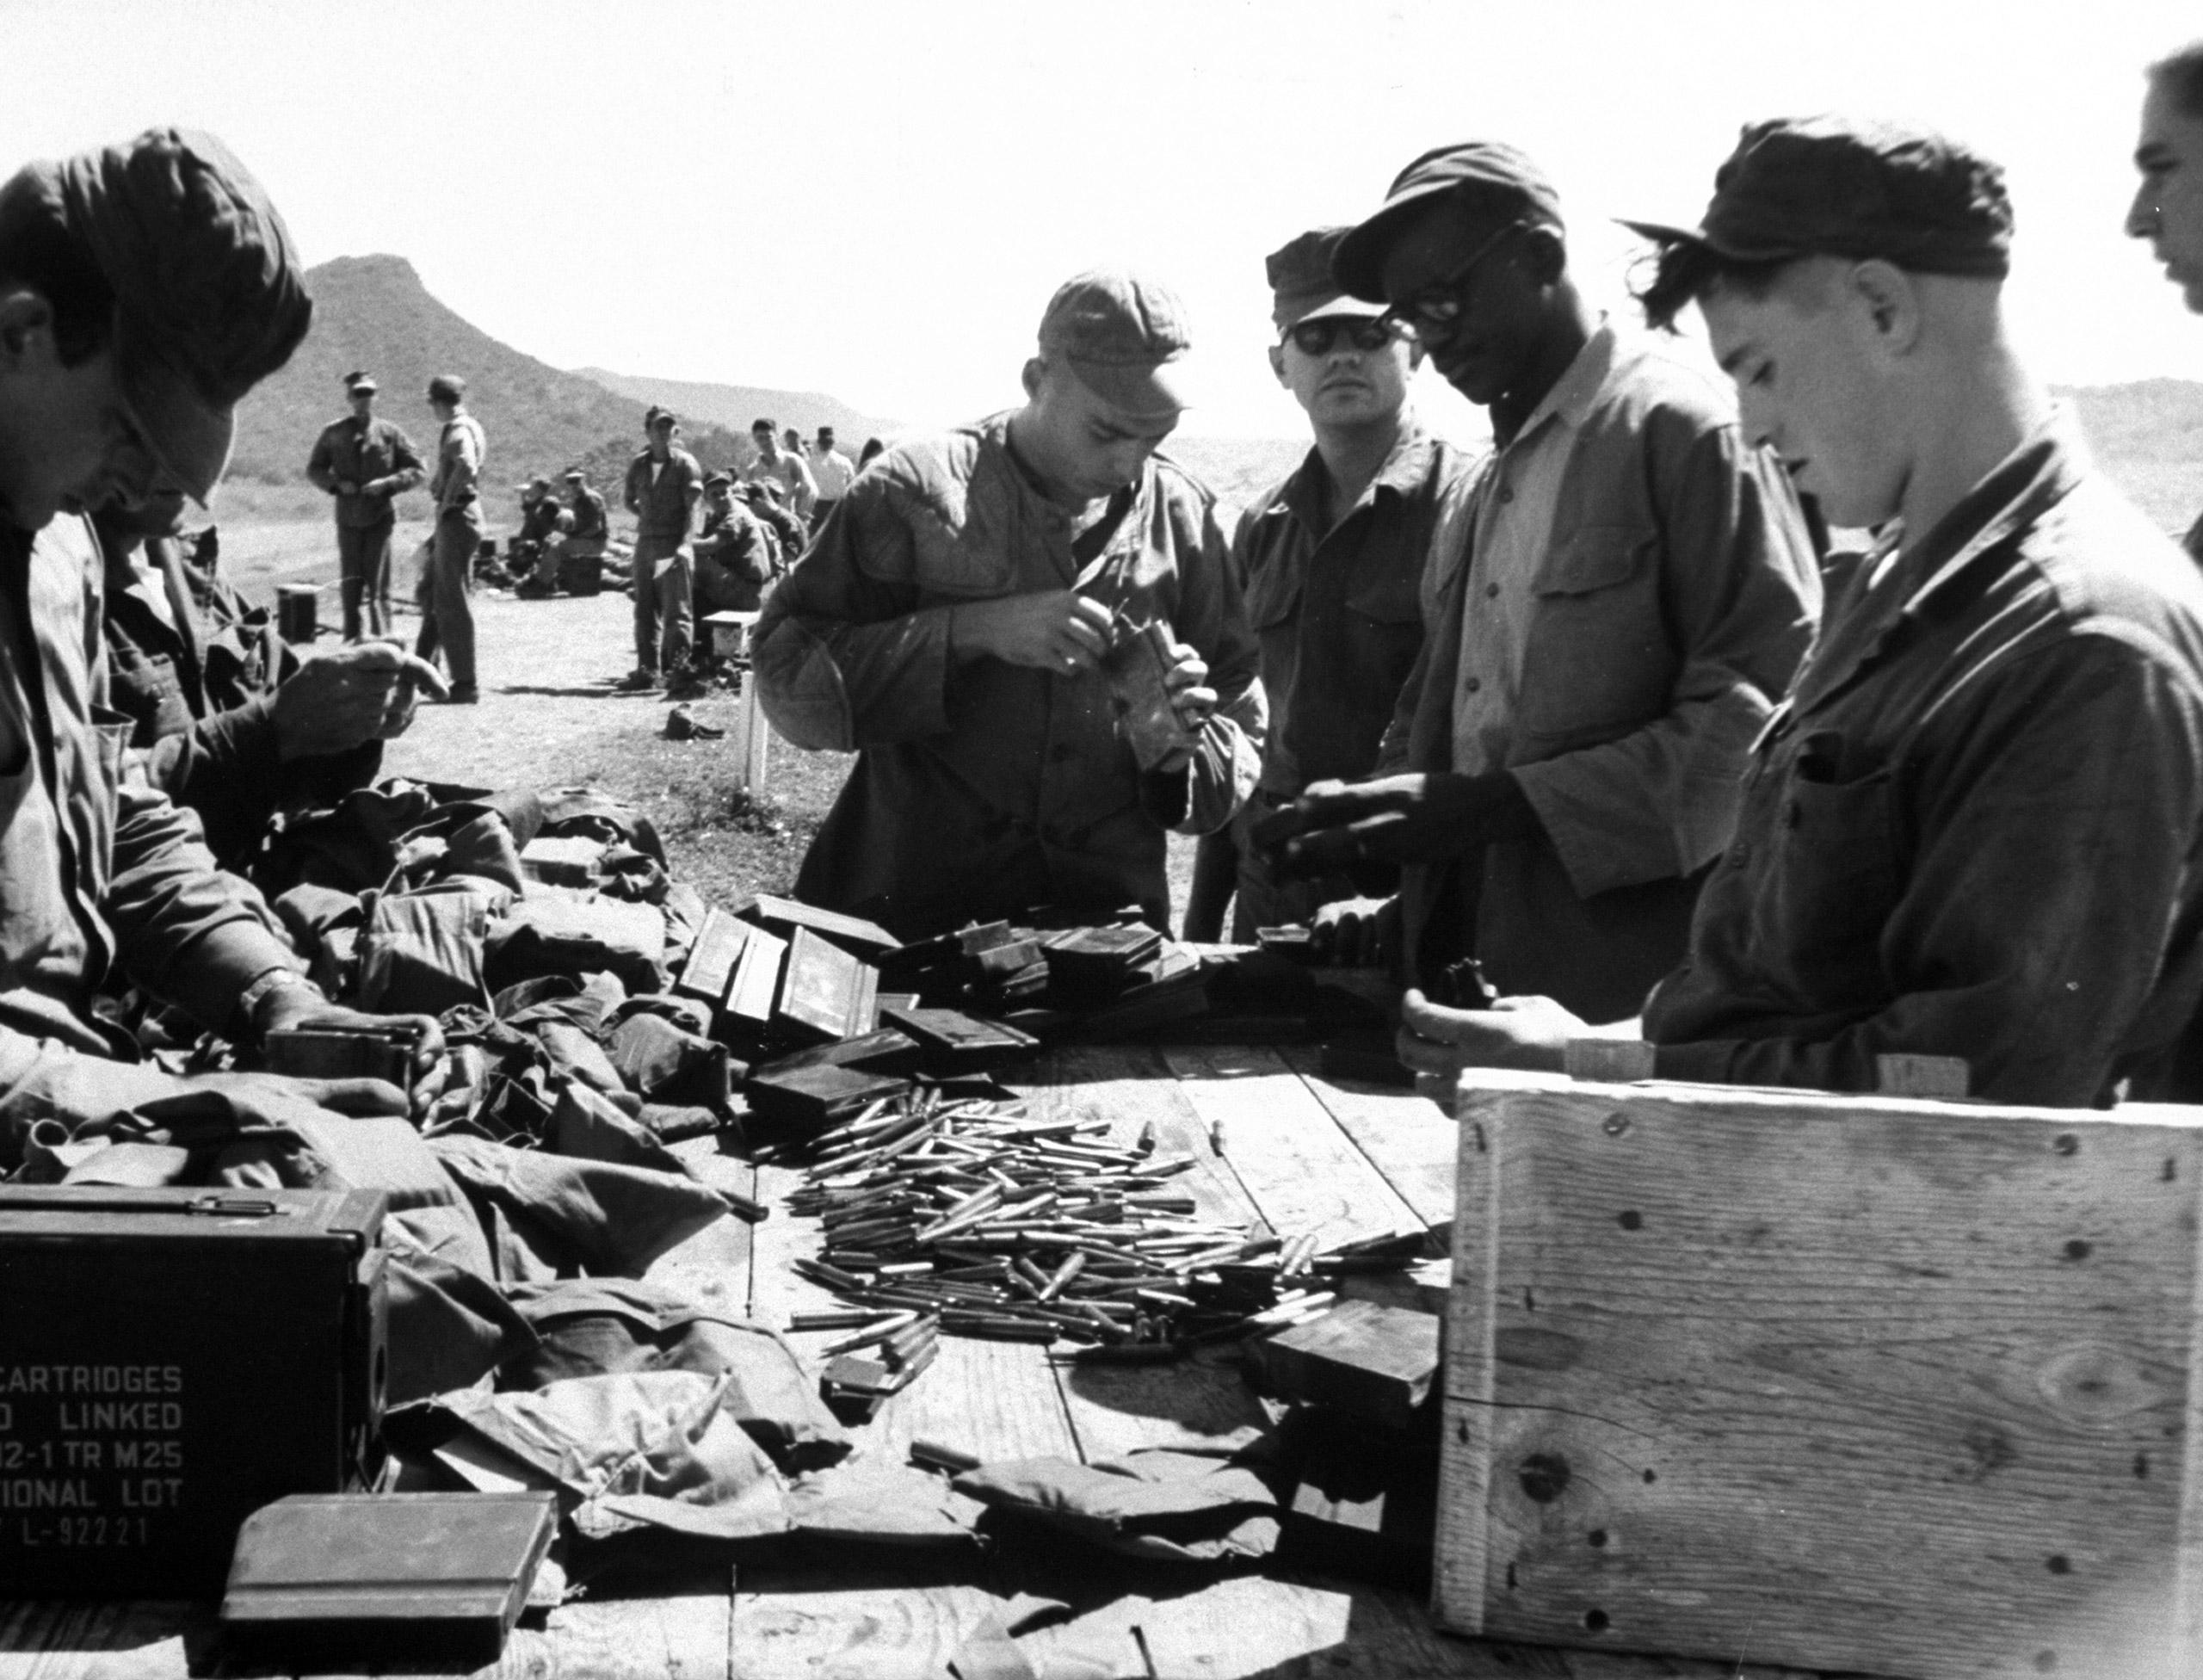 Ammunition shells being loaded into clips by sailors at Guantanamo Naval Base, Guantanamo Bay, Cuba, 1962.